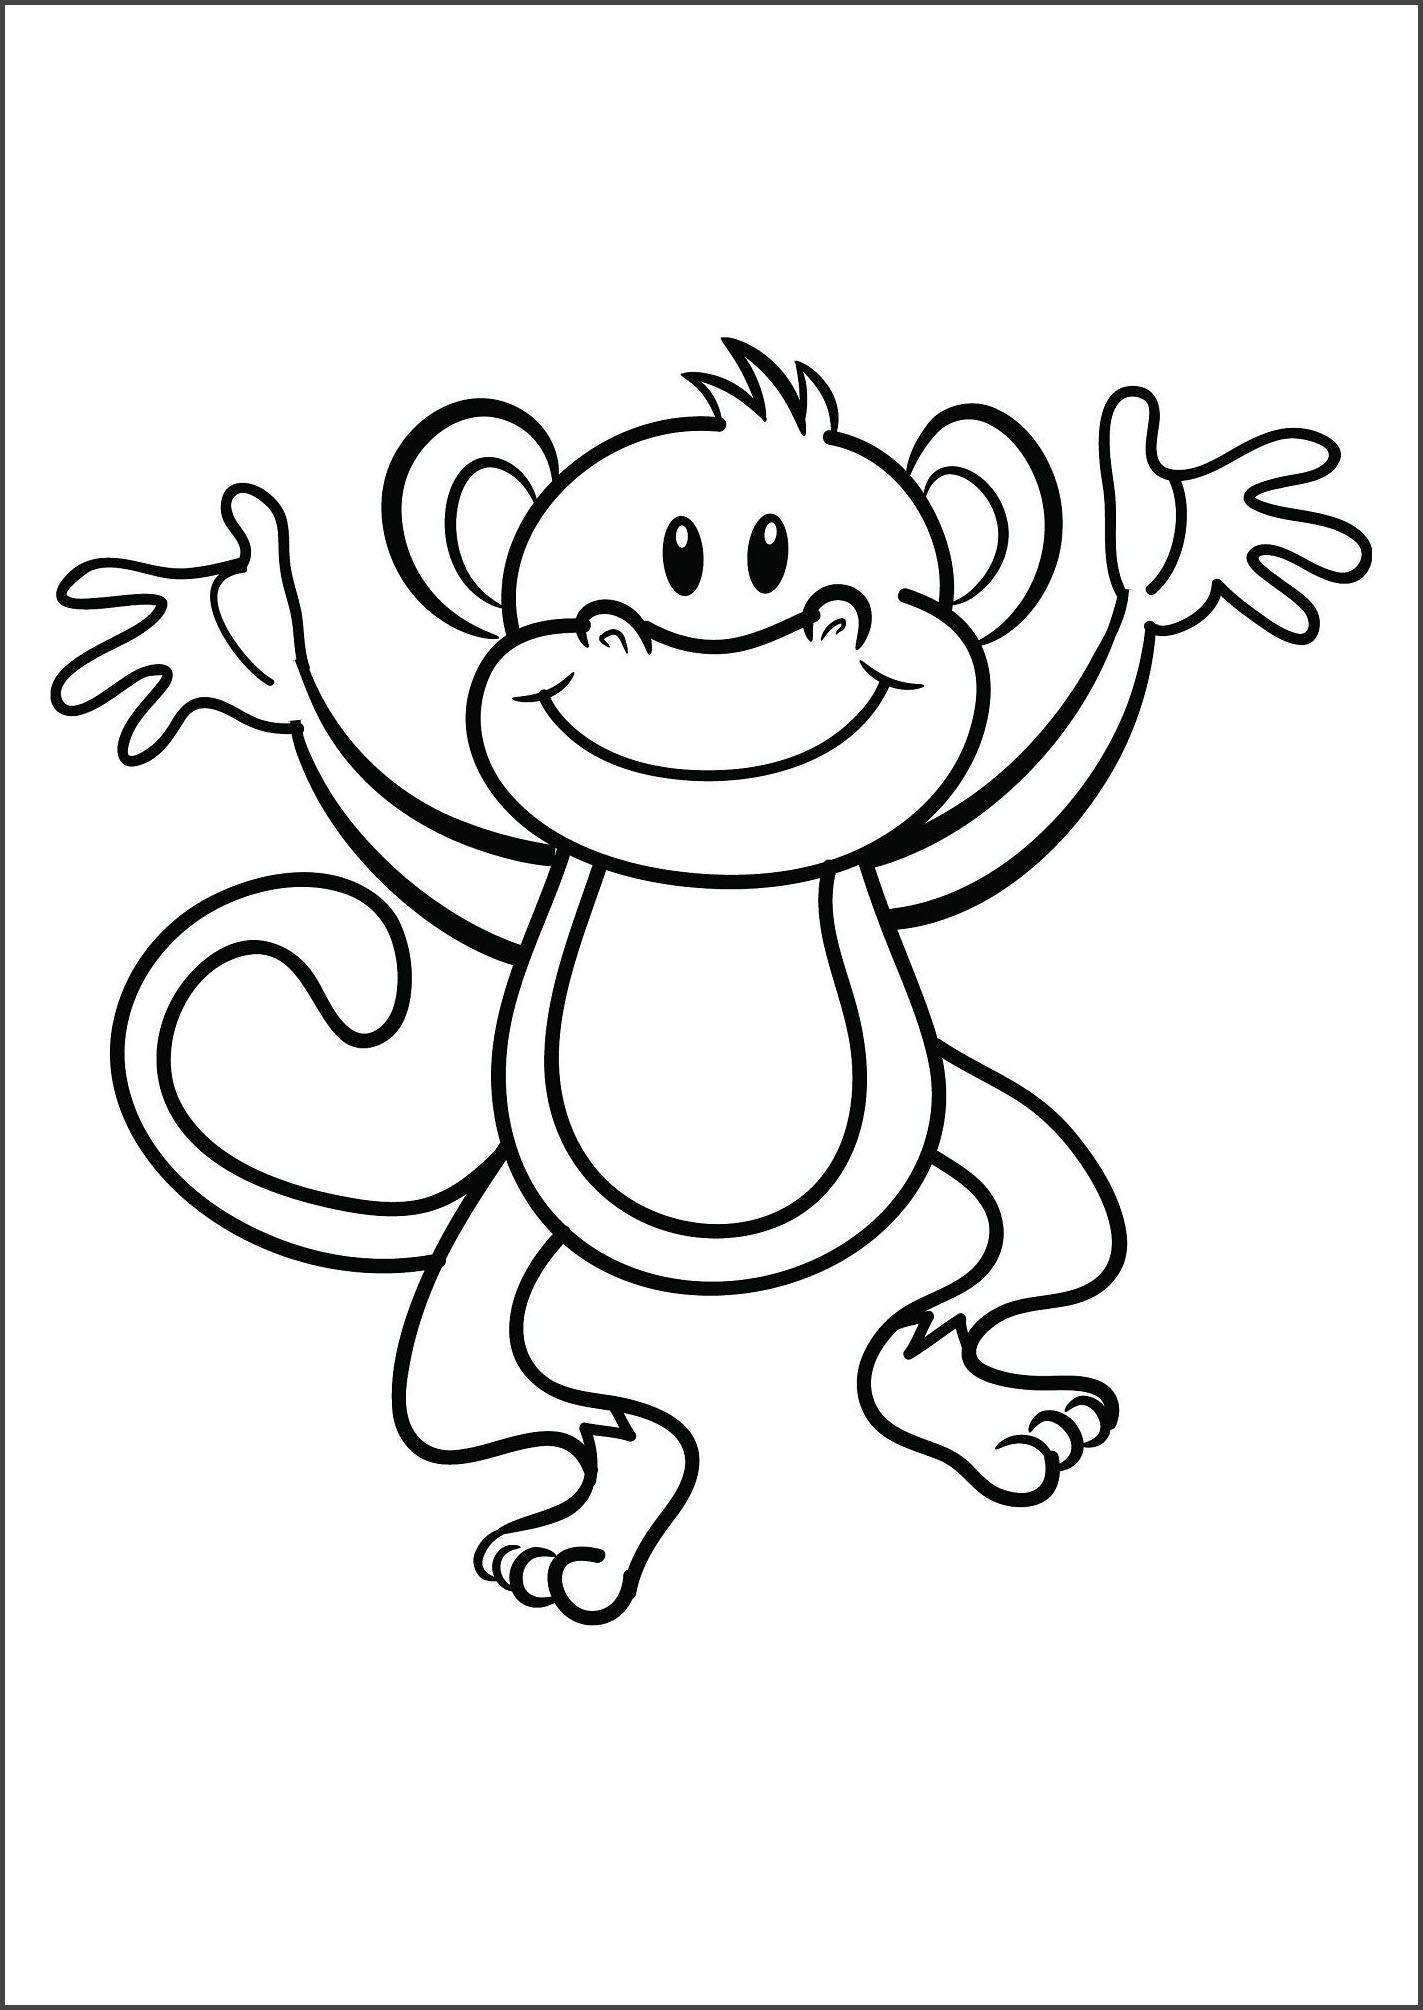 Tranh tô màu con khỉ đẹp